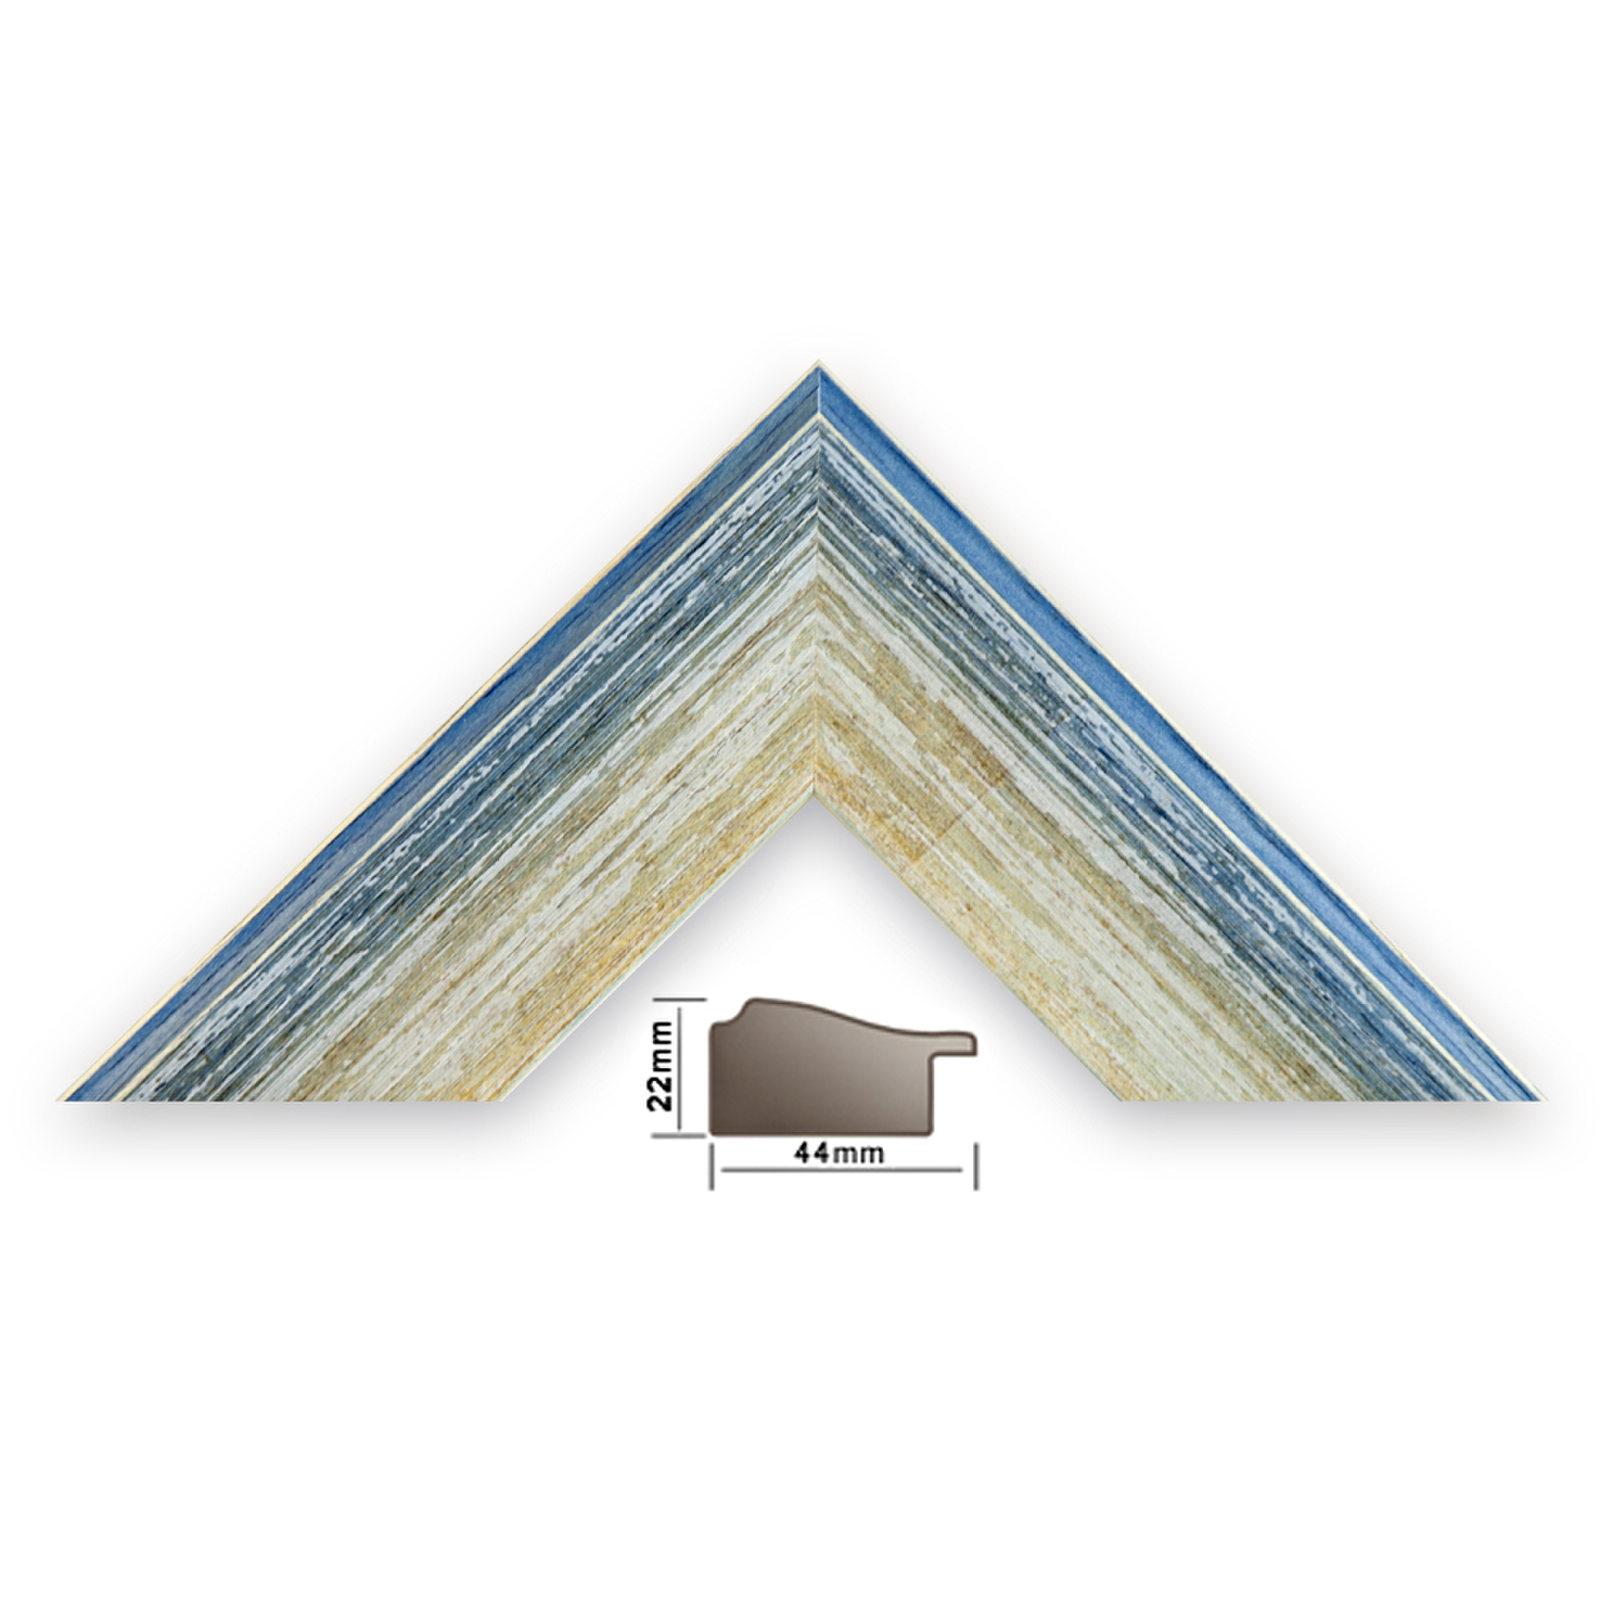 bilderleiste baltimore 342 blu,blau länge 1m profilbreite 44mm